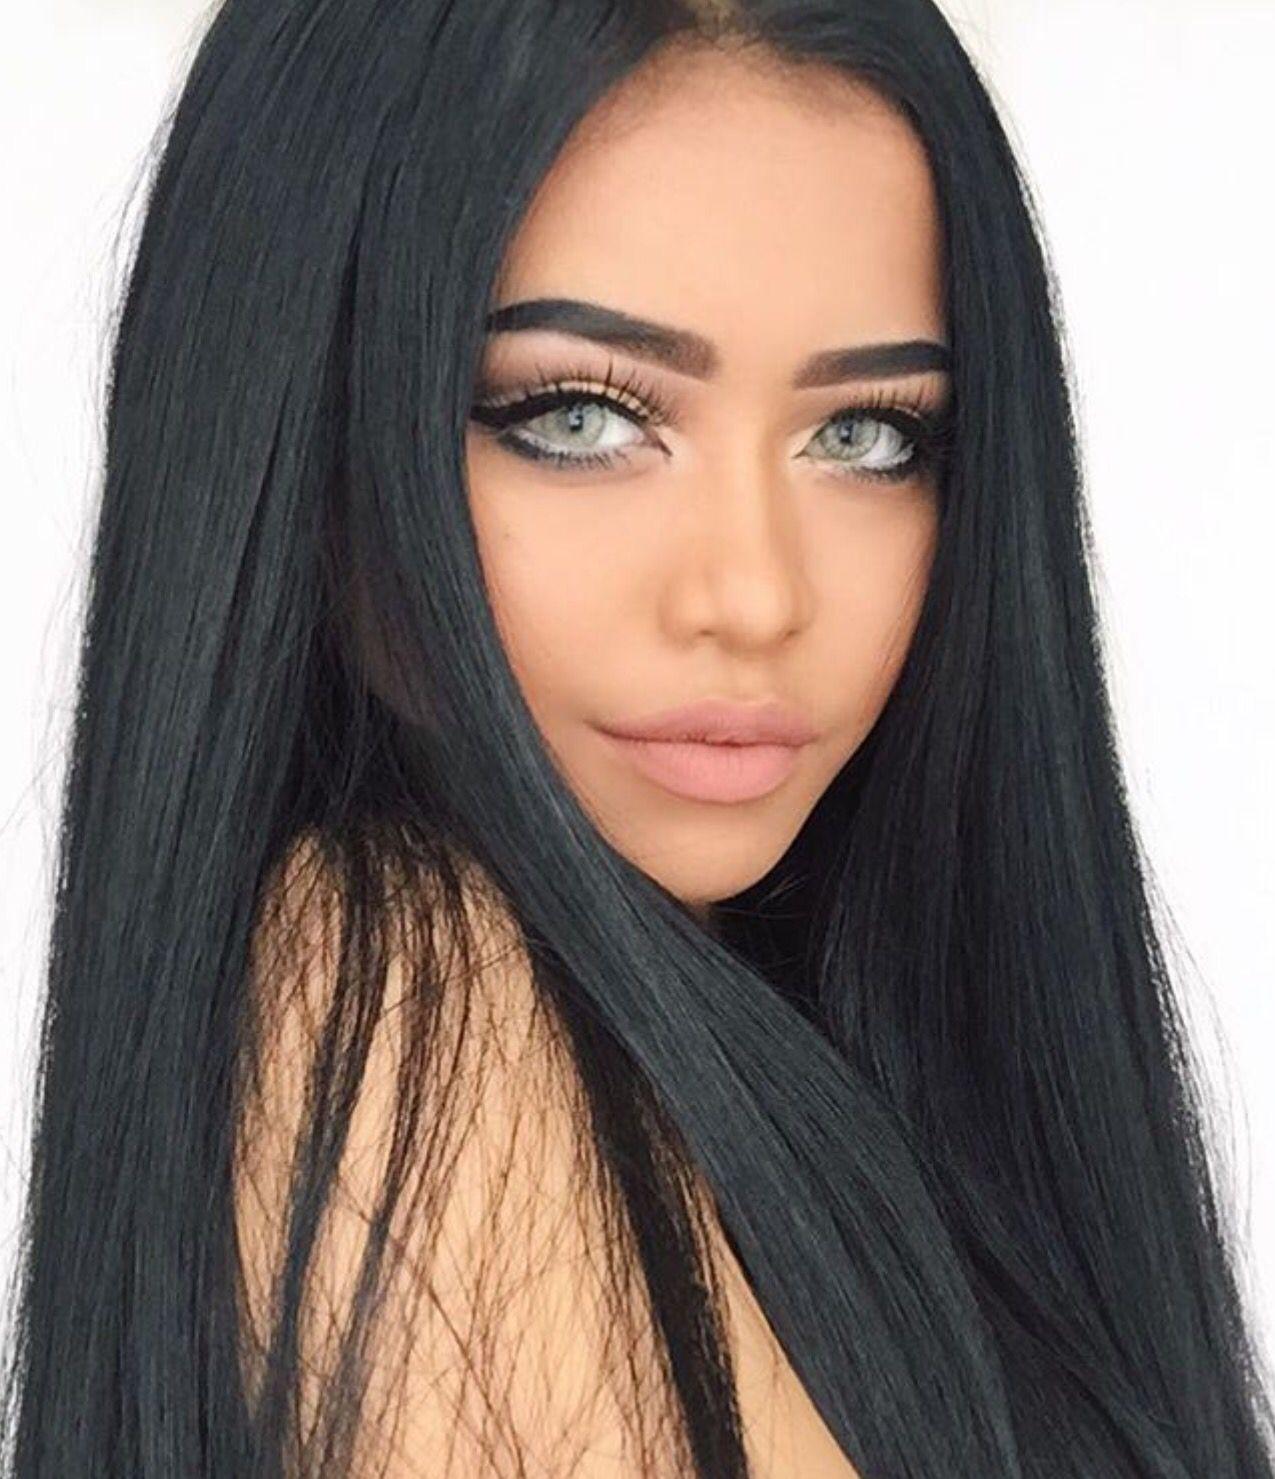 Blaue augen schwarzes haar